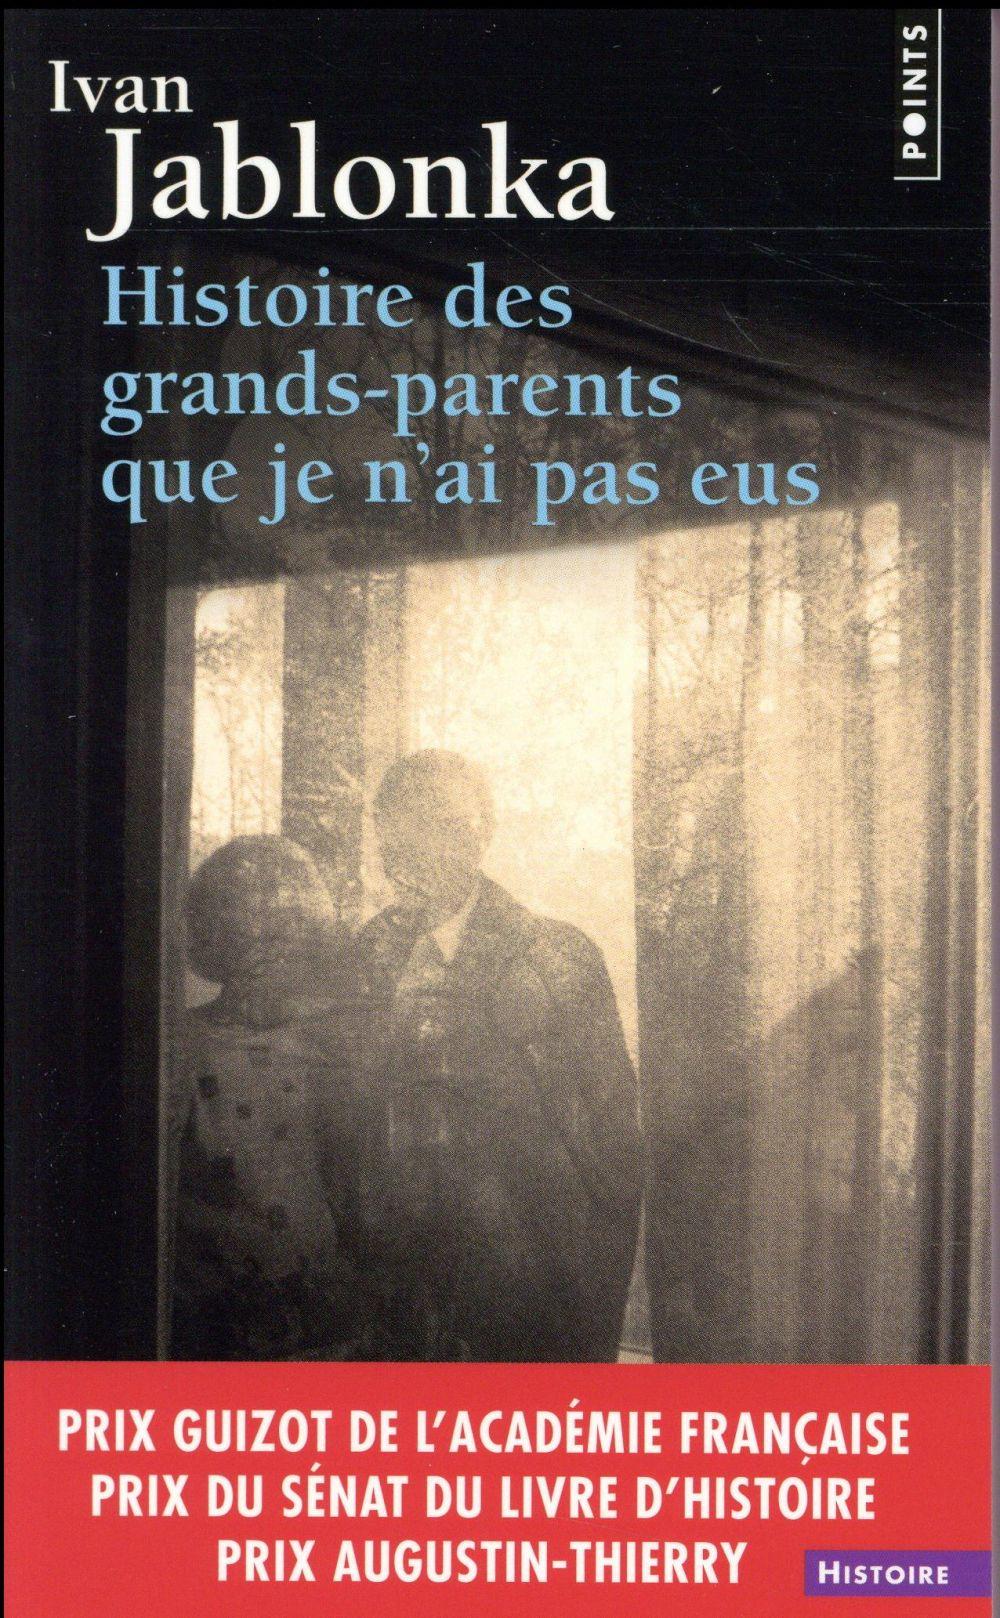 Histoire des grands-parents que je n'ai pas eus